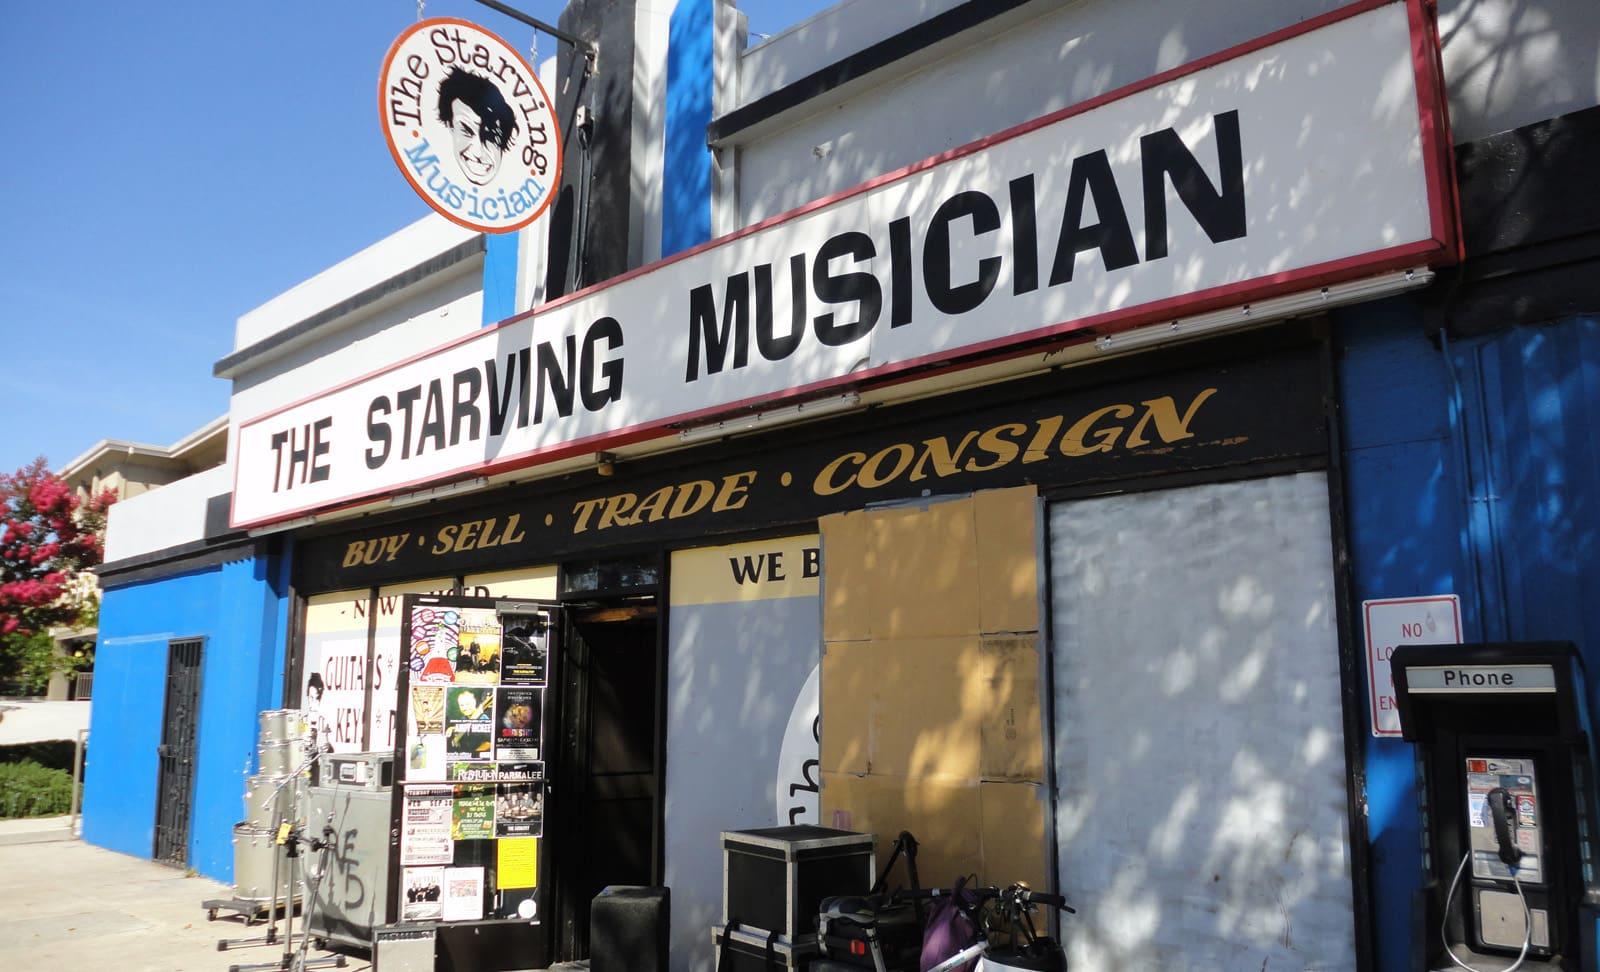 Musicians deals